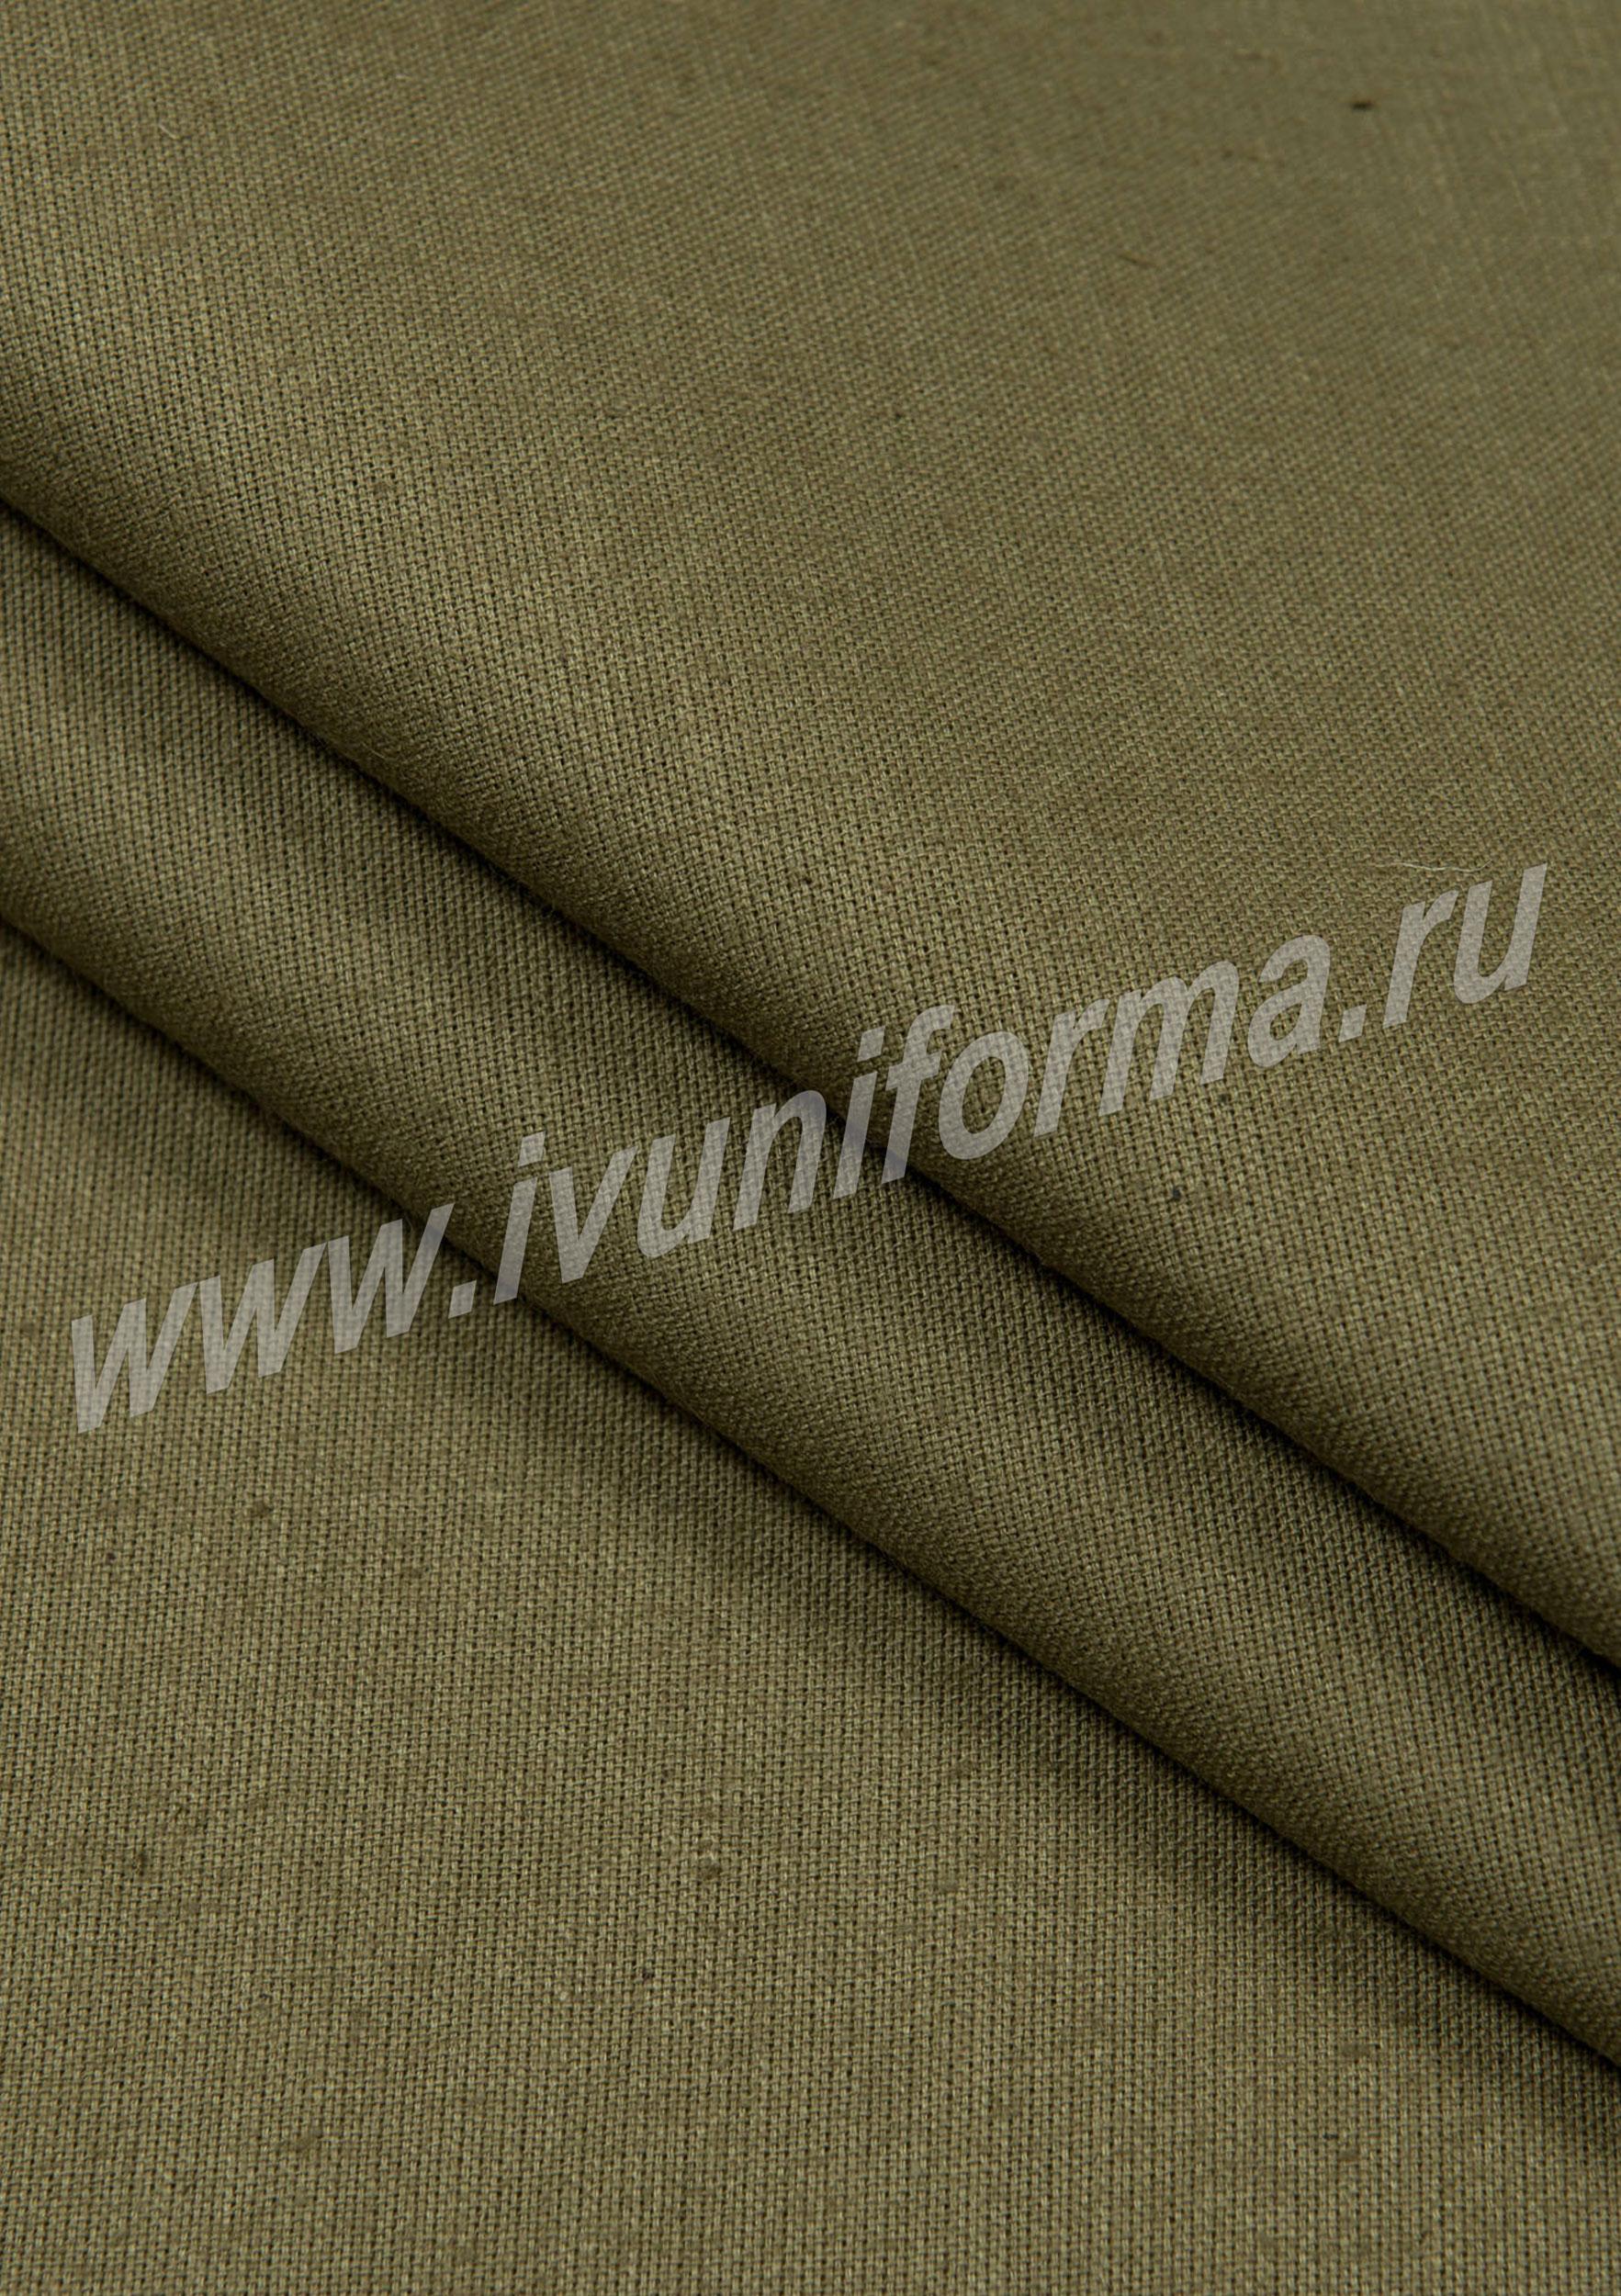 Купить ткань рулоном по оптовой цене в новосибирске купить портьерную ткань для штор в интернет магазине